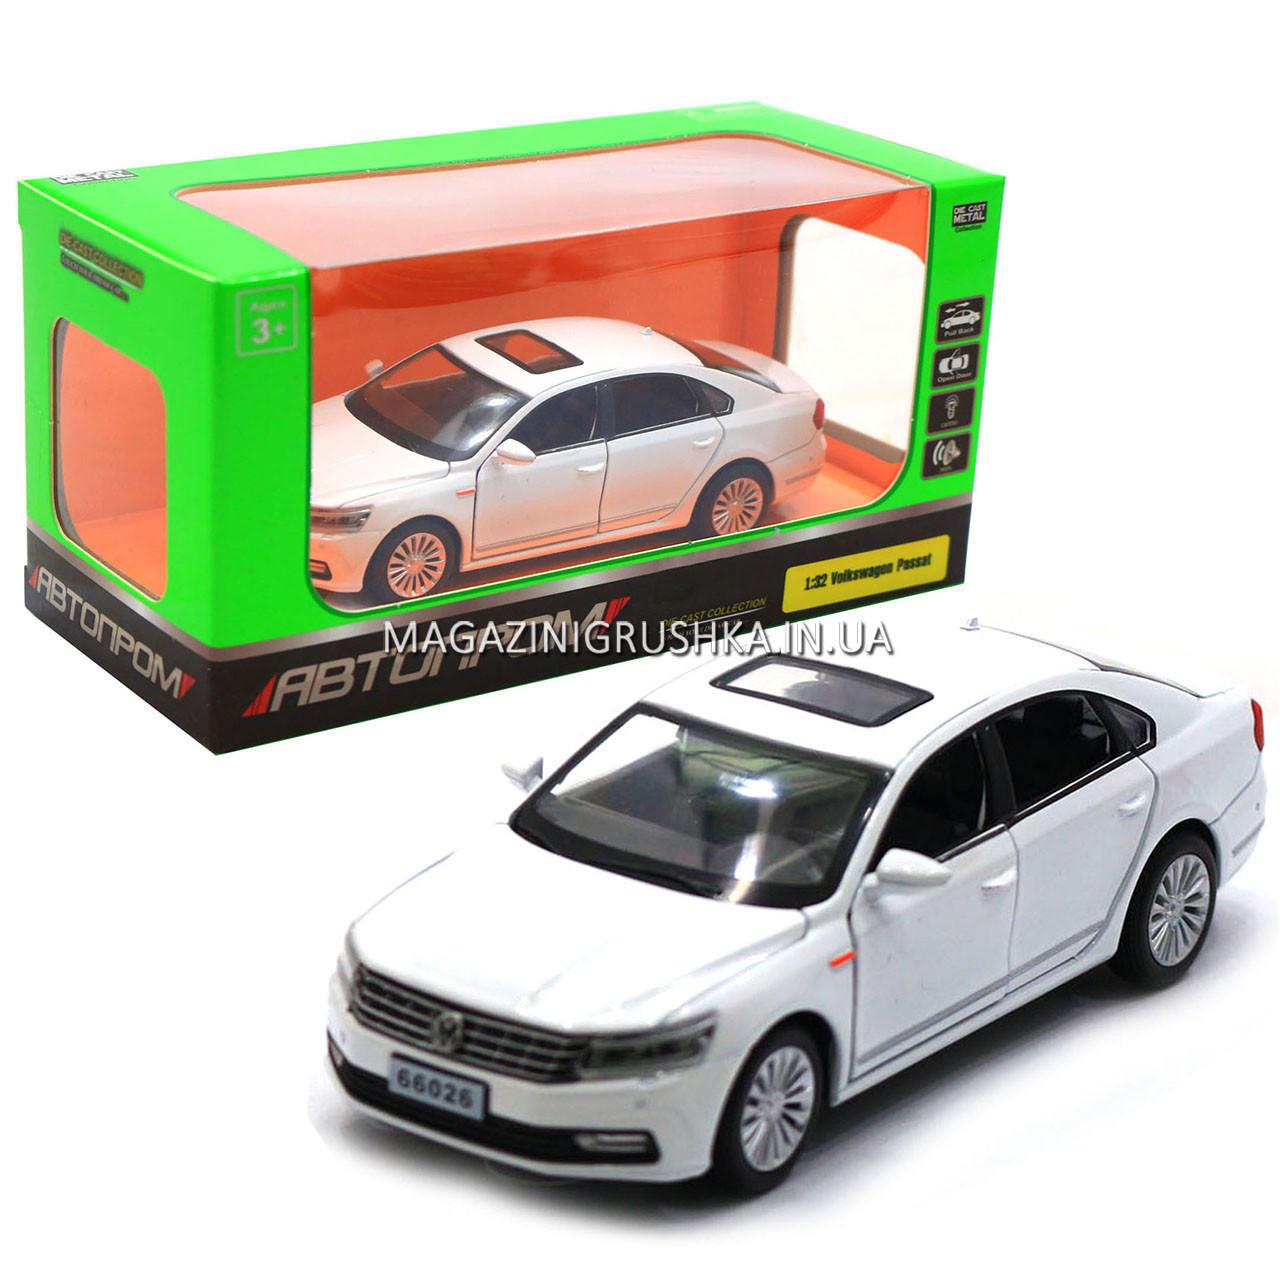 Машинка игровая автопром «Volkswagen Passat», 14 см, свет, звук, двери открываются, белый (6604)